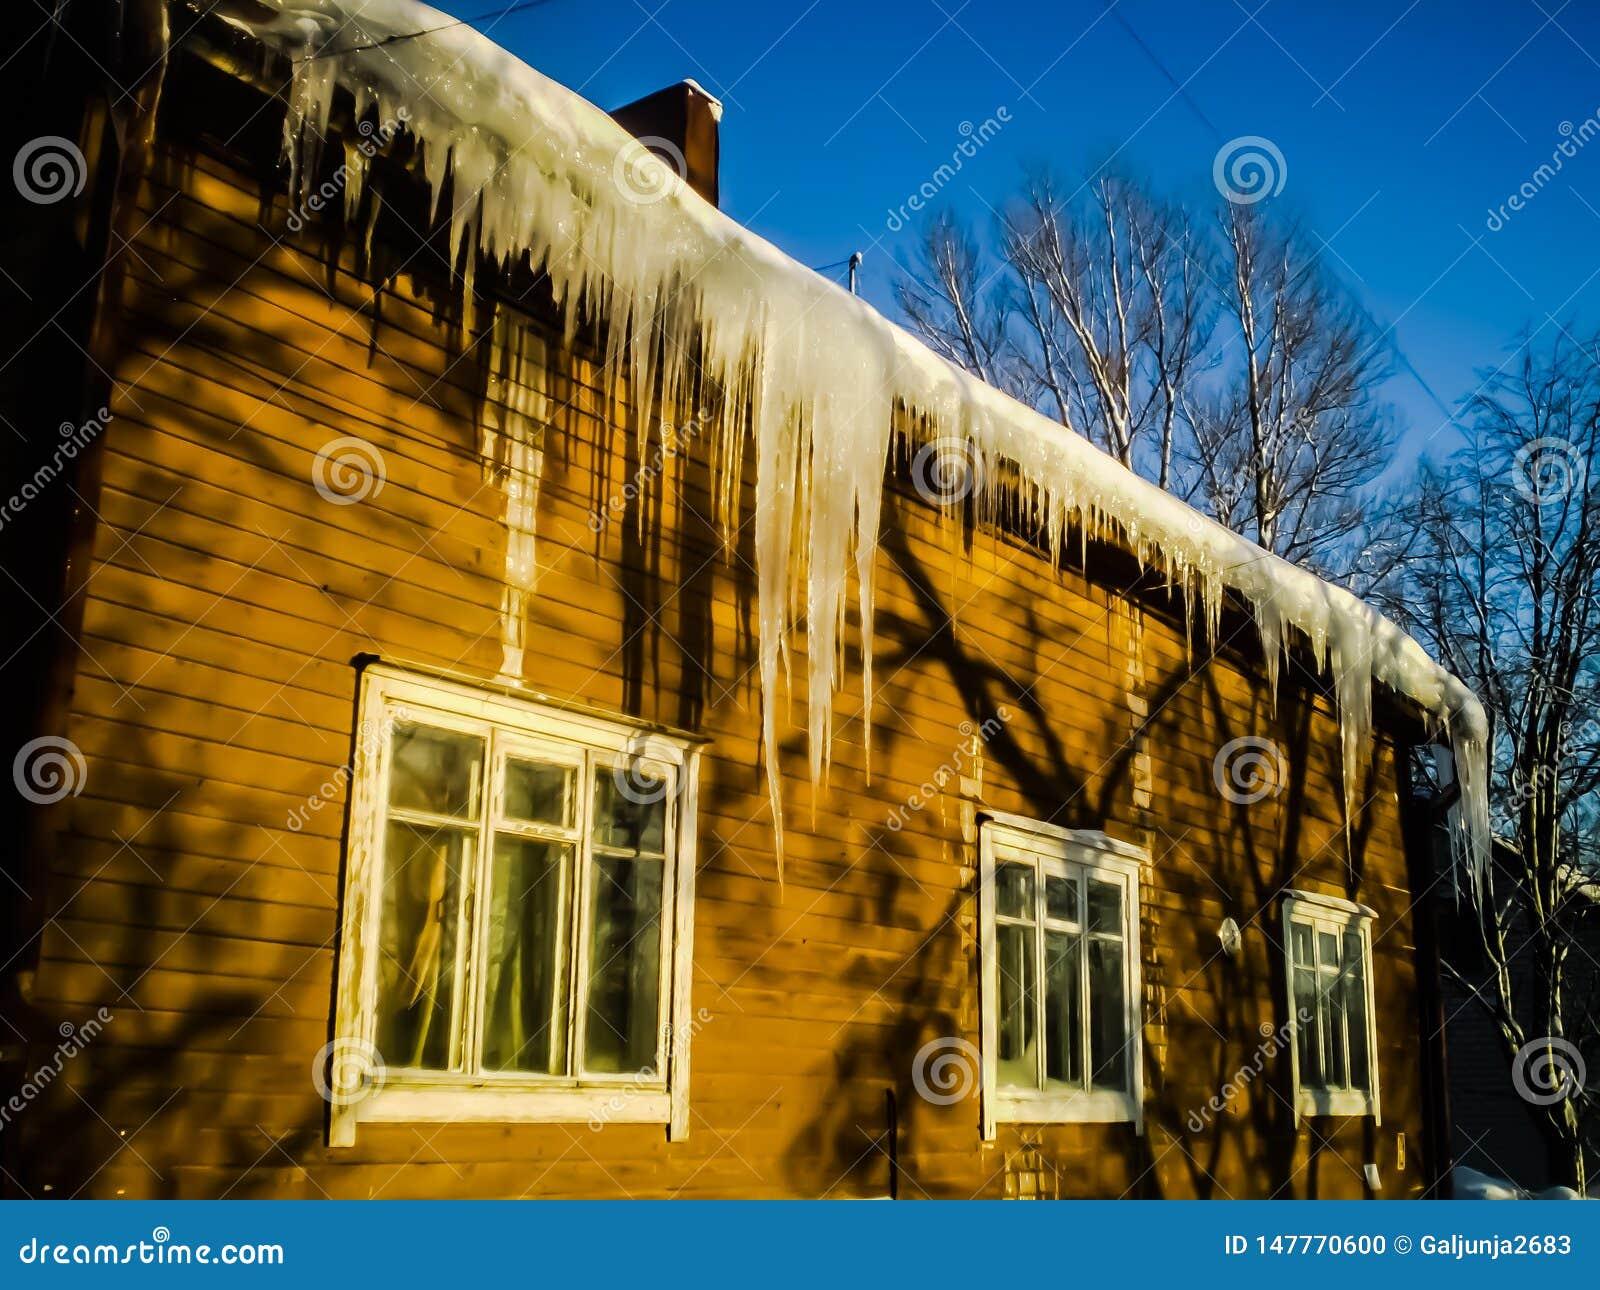 Hiver, ensoleillé, neige, glaçons, maison, ligne